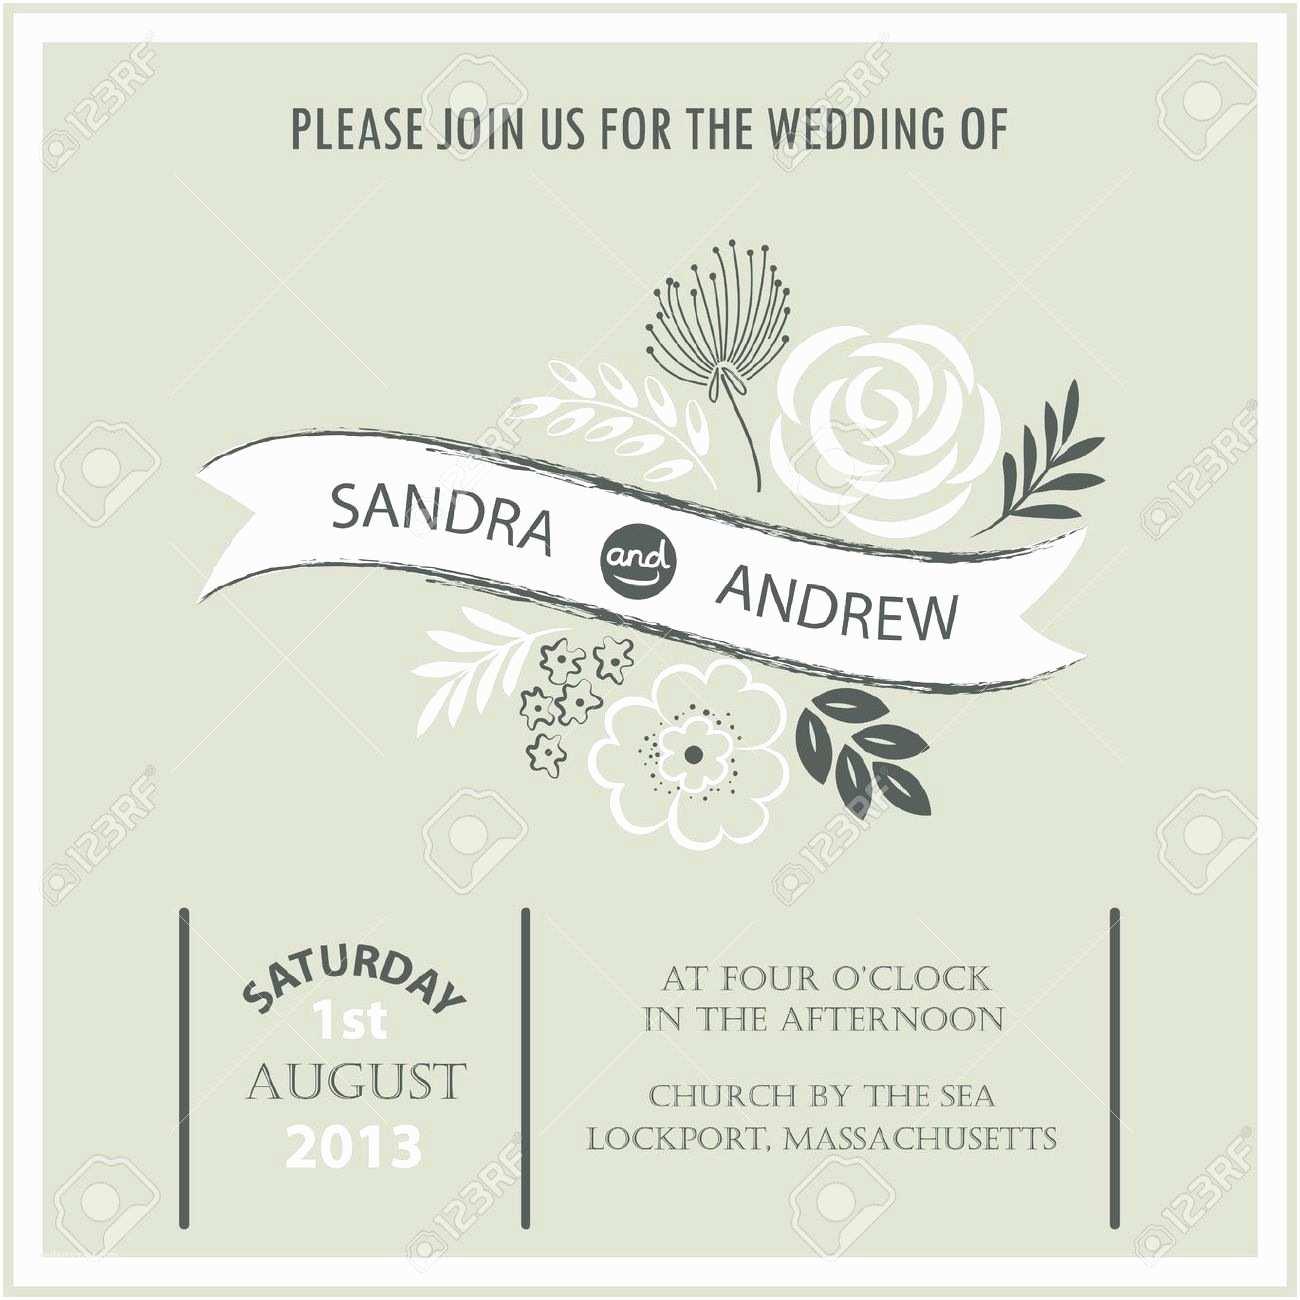 Wedding Card Invitation Best Wedding Invitations Cards Wedding Invitation Card